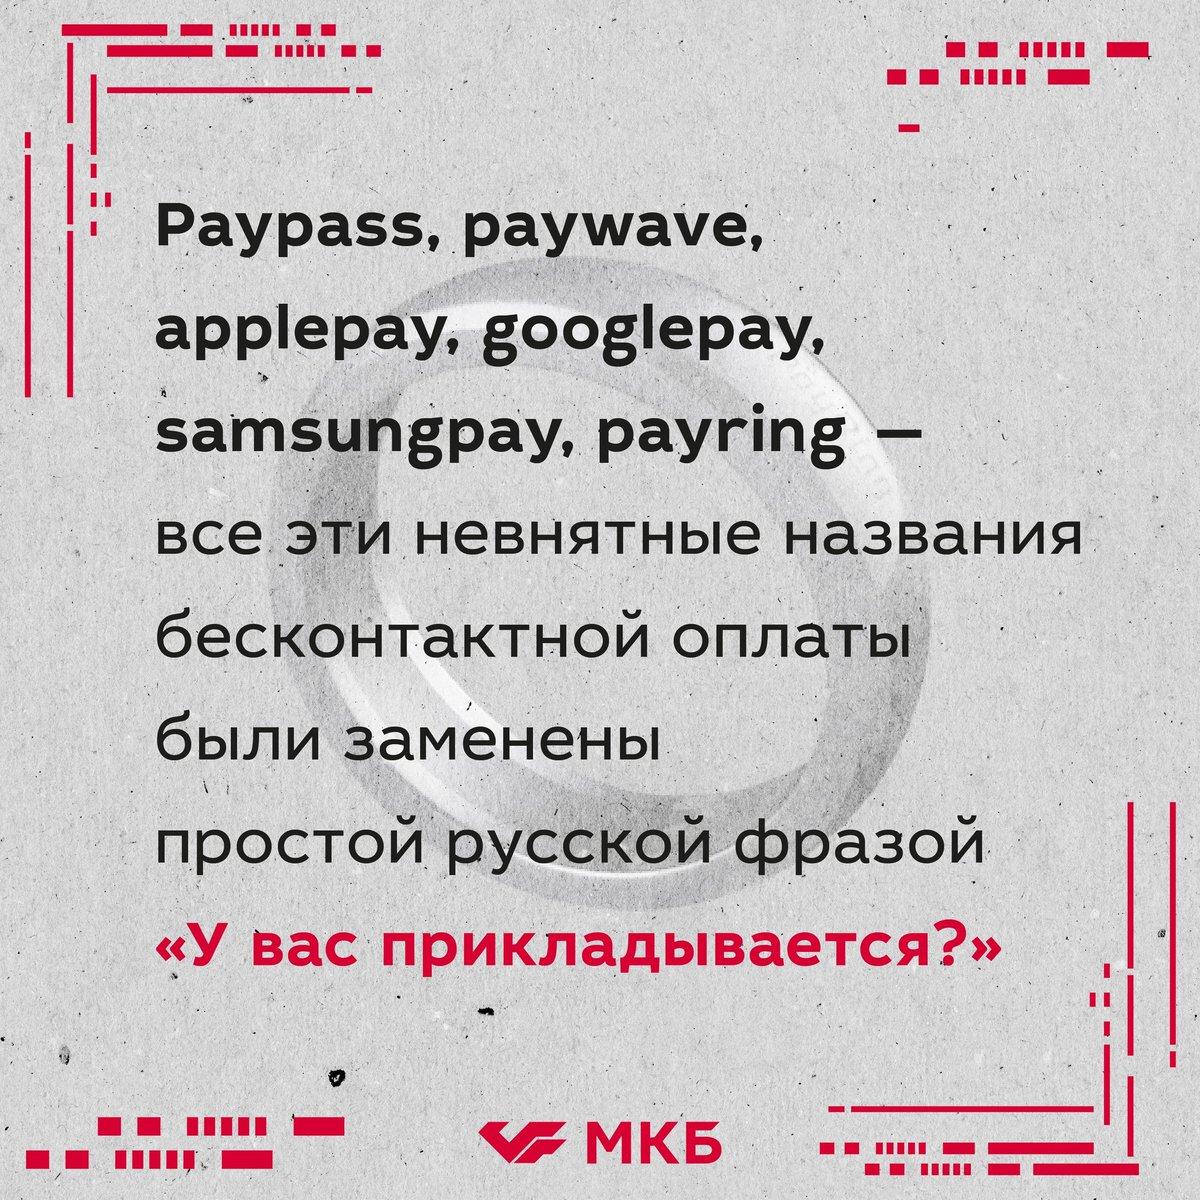 московский кредитный банк кредитные каникулы приватбанк кредит на 2 года